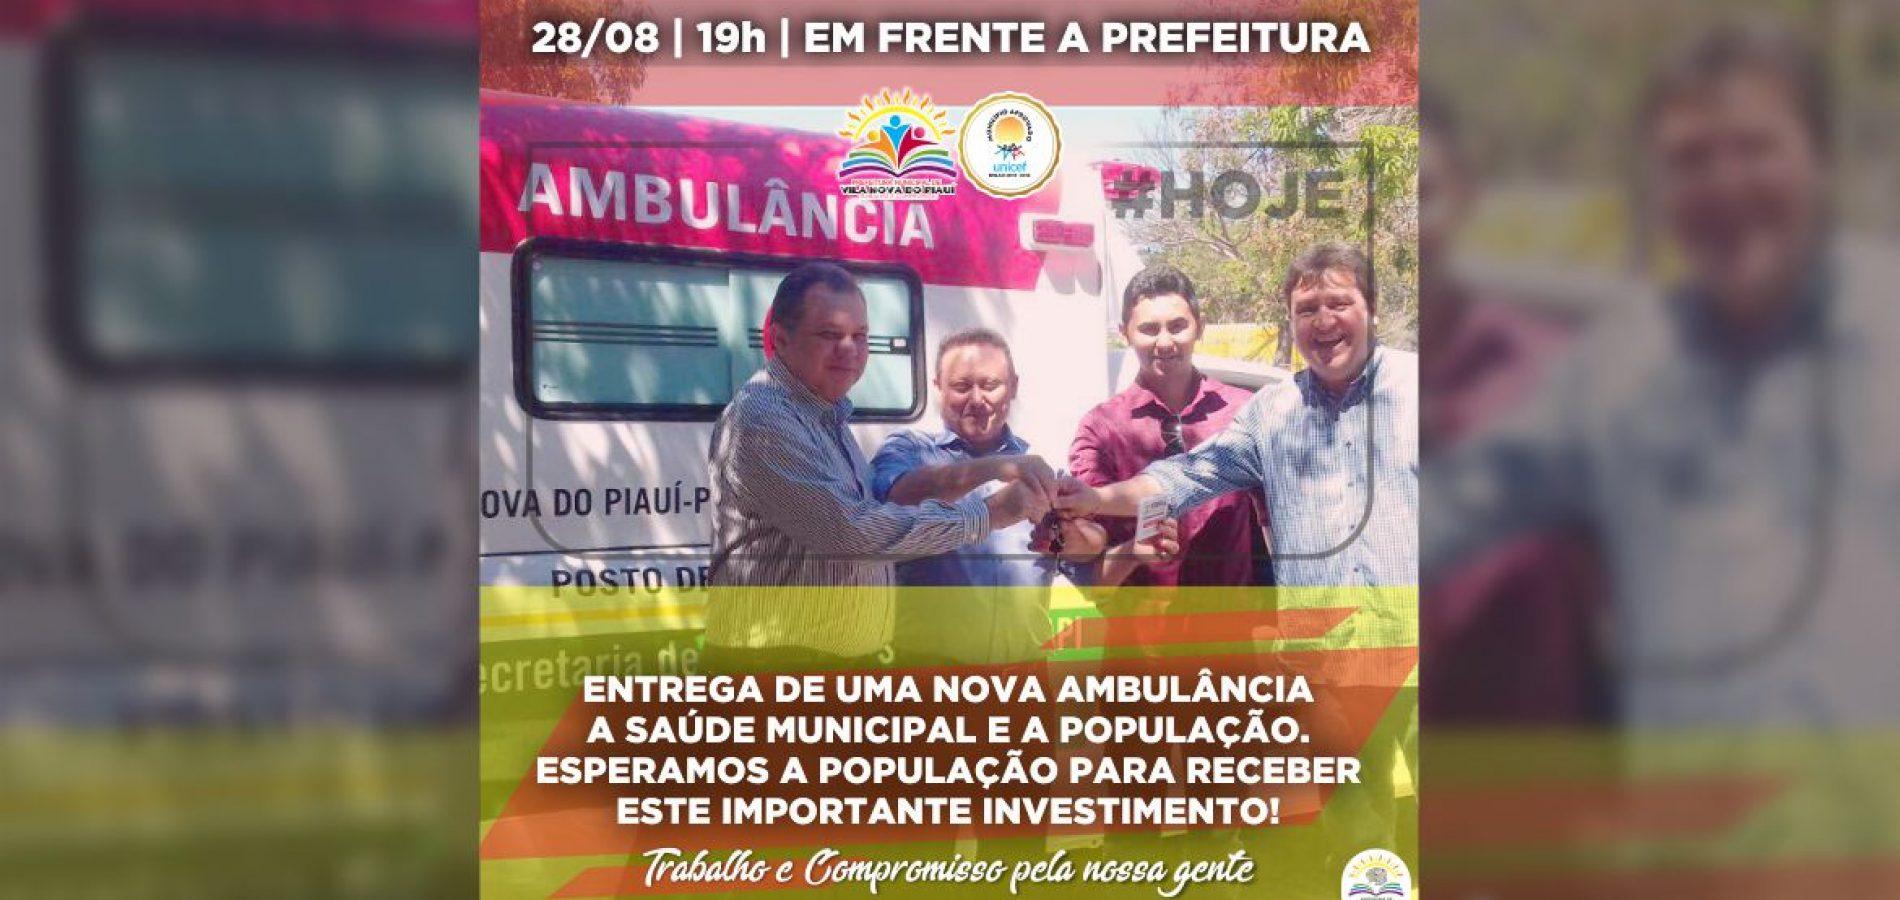 Prefeito de Vila Nova recebe ambulância 0 Km e fará entrega a população hoje às 19h